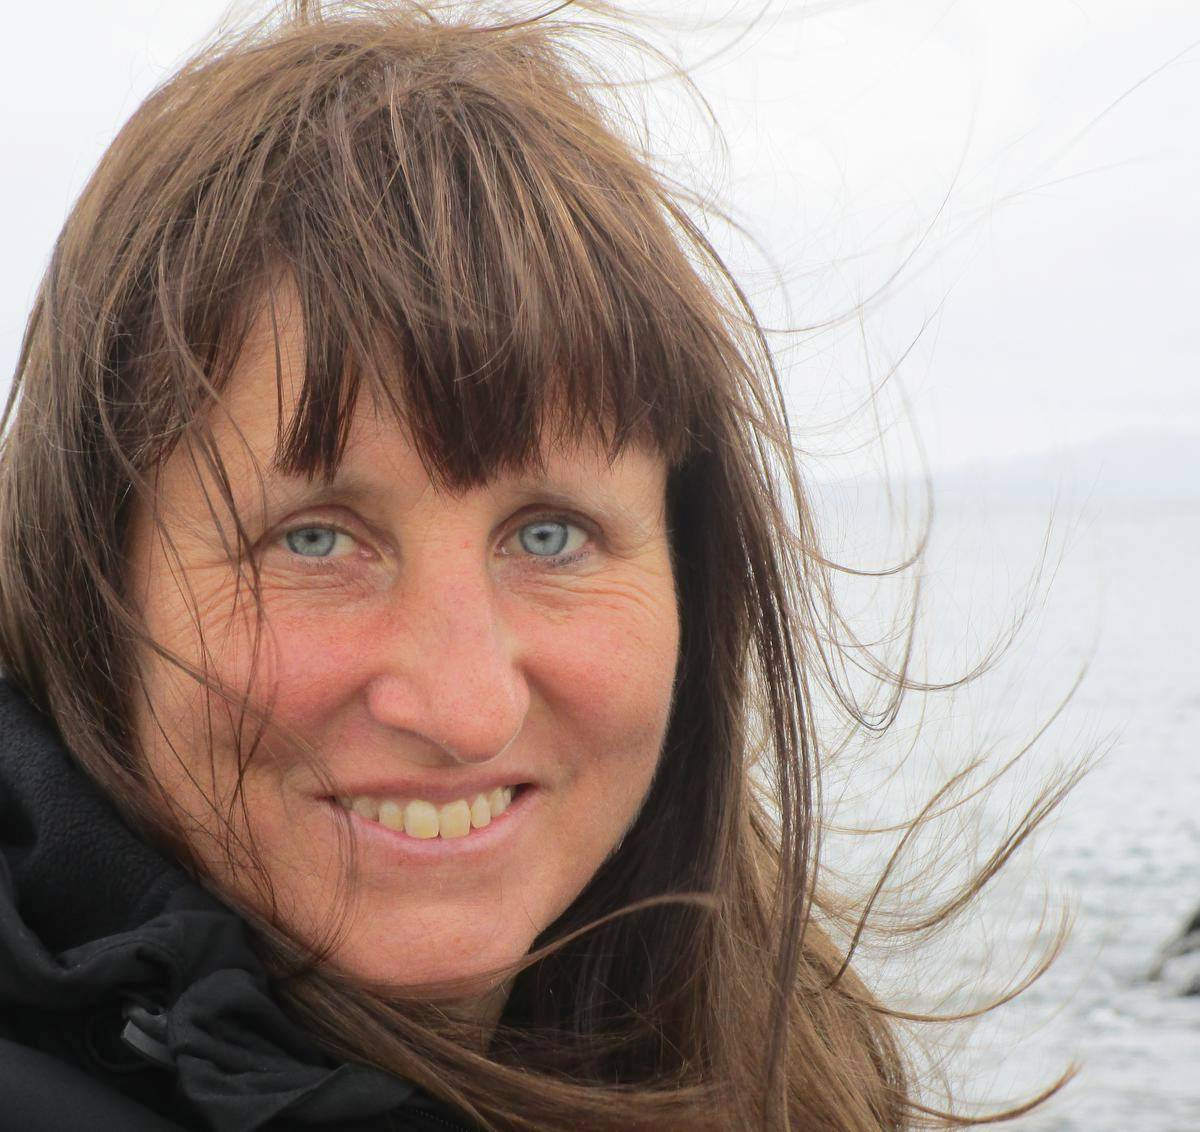 Gabriele Steigmiller geht es um Beziehungen zwischen Menschen. Foto: pr